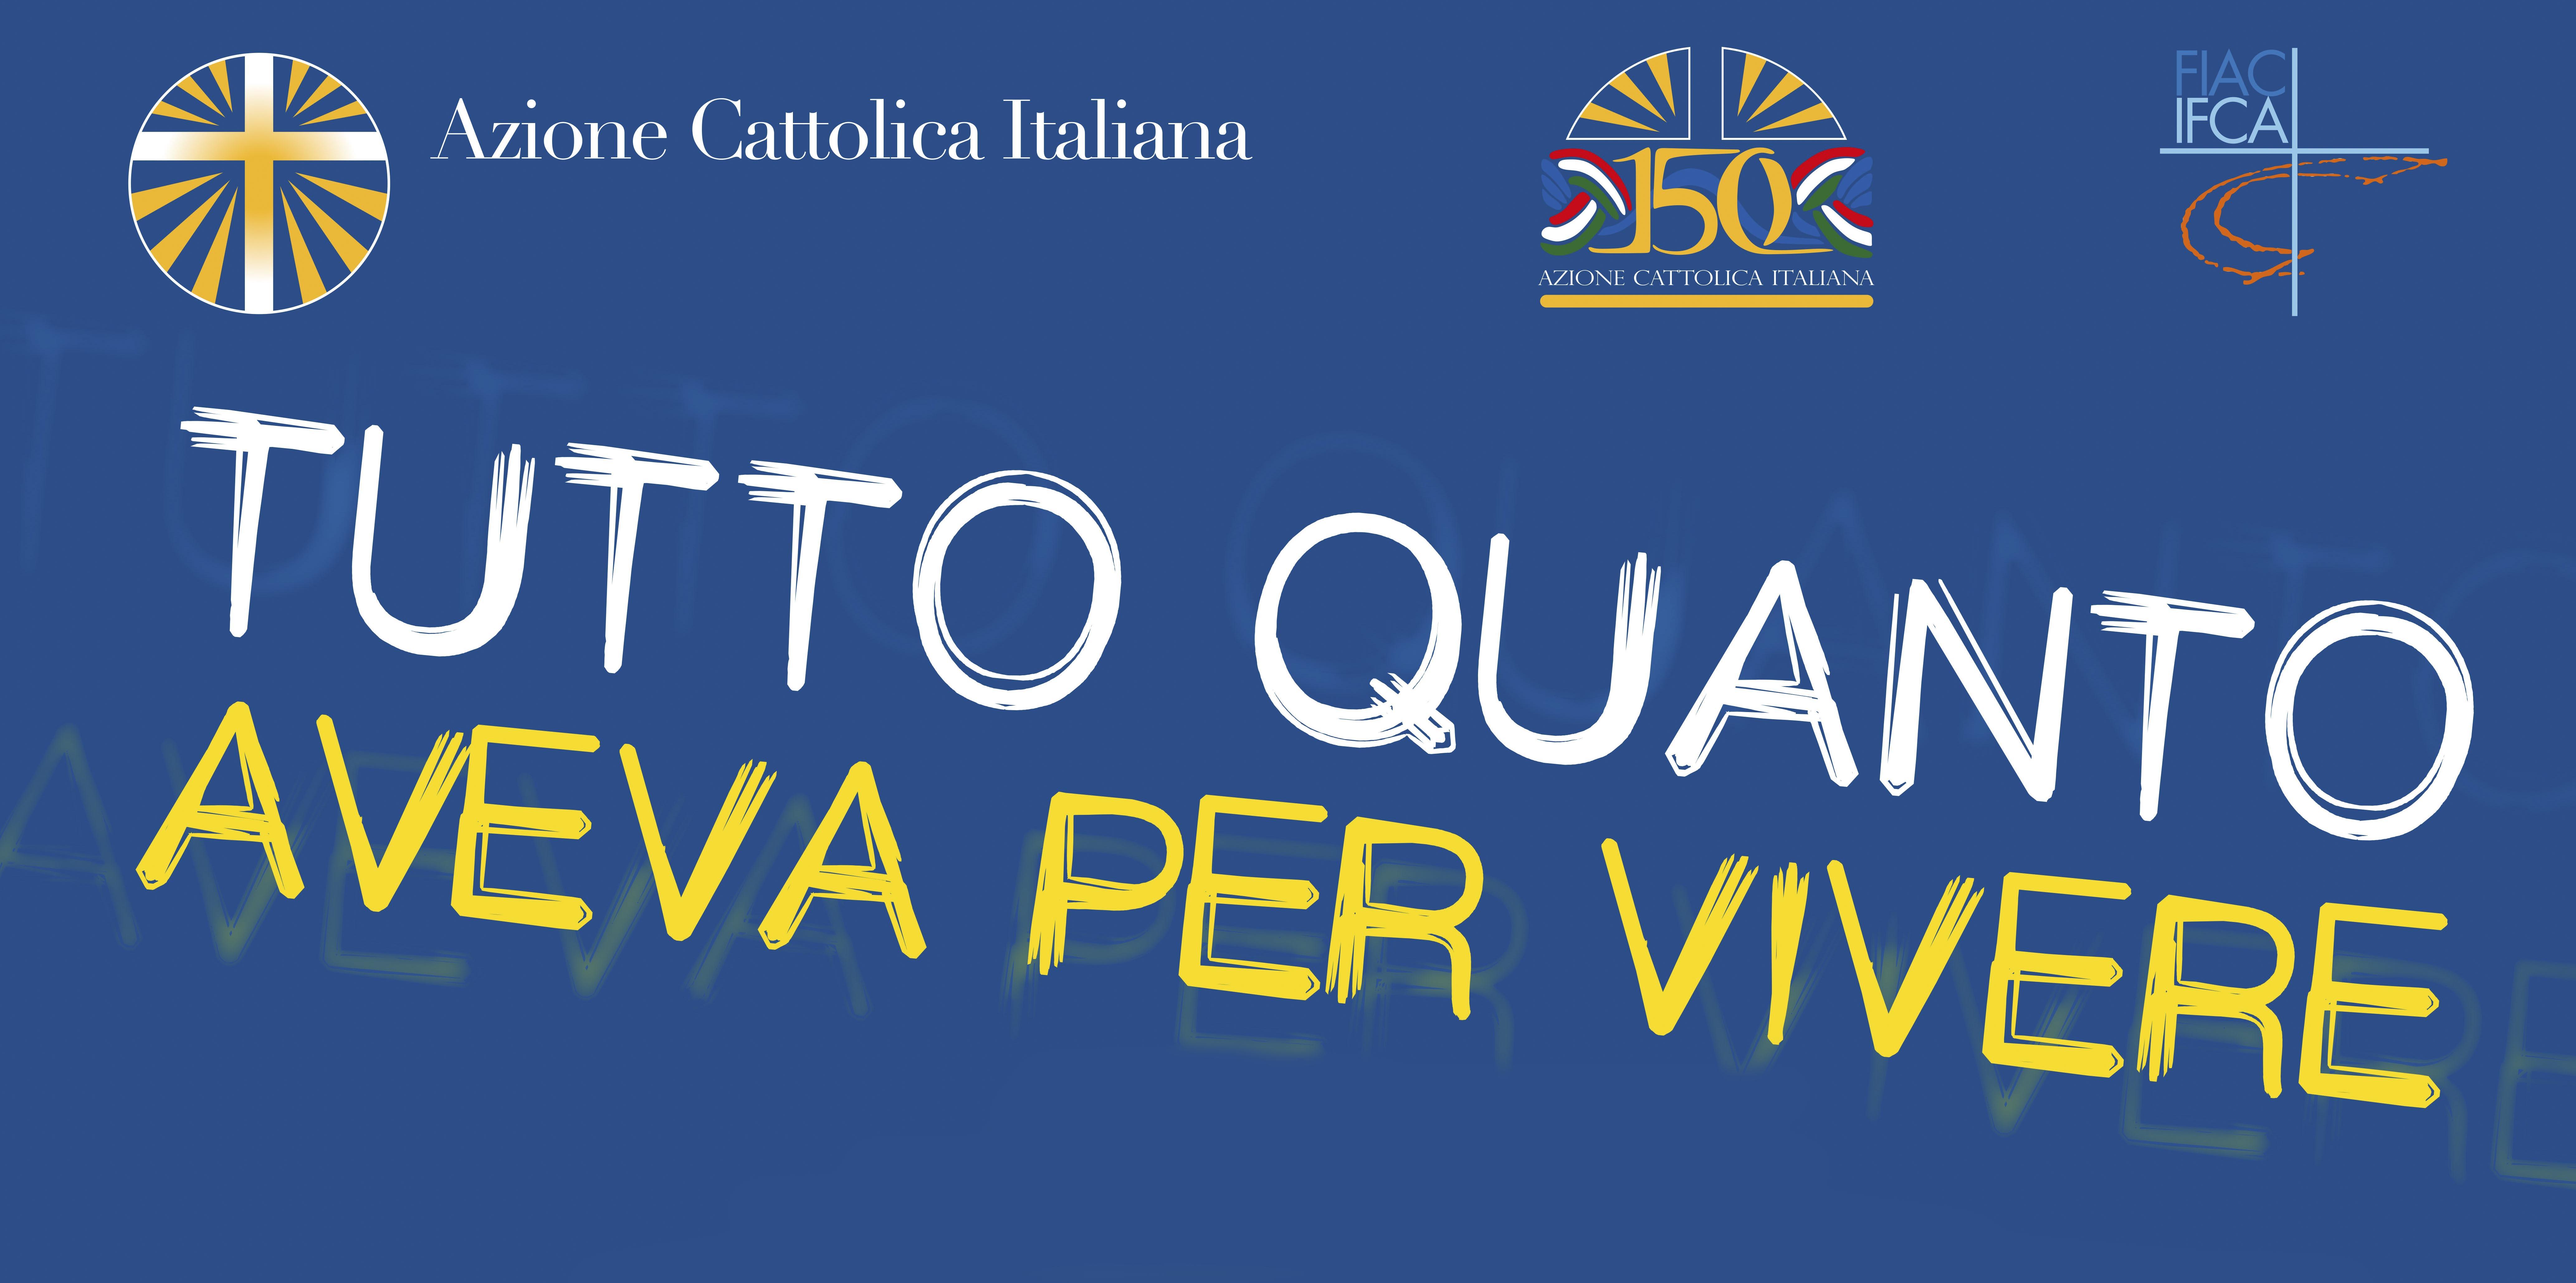 Messaggio del Vescovo di Acireale per la festa dell'Adesione dell'Azione Cattolica Italiana